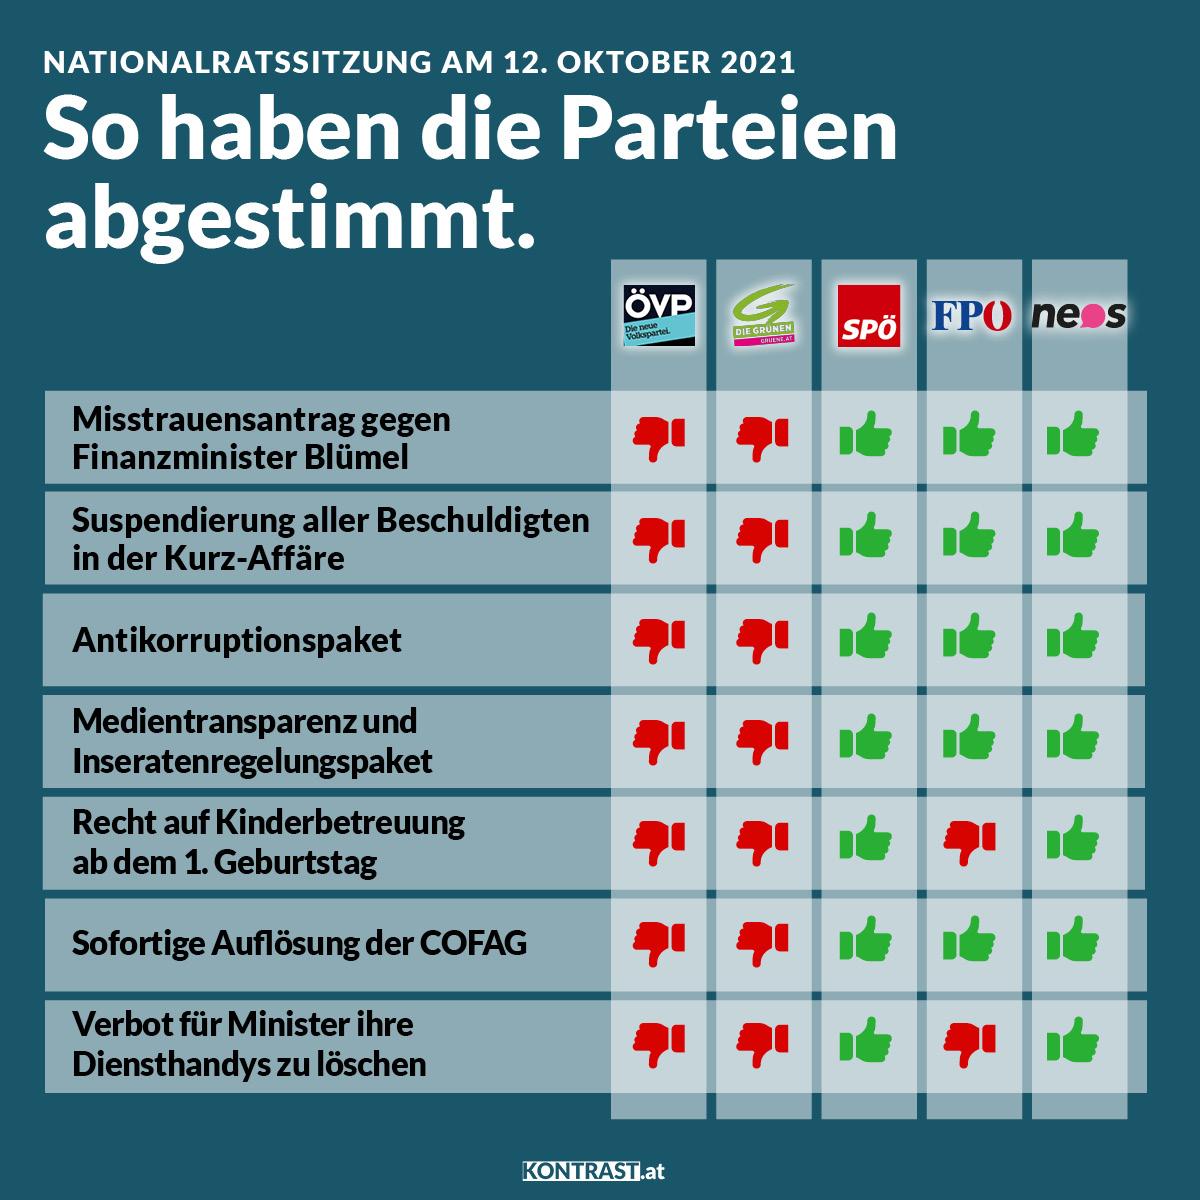 Abstimmungsverhalten im Nationalrat 12. Oktober 2021